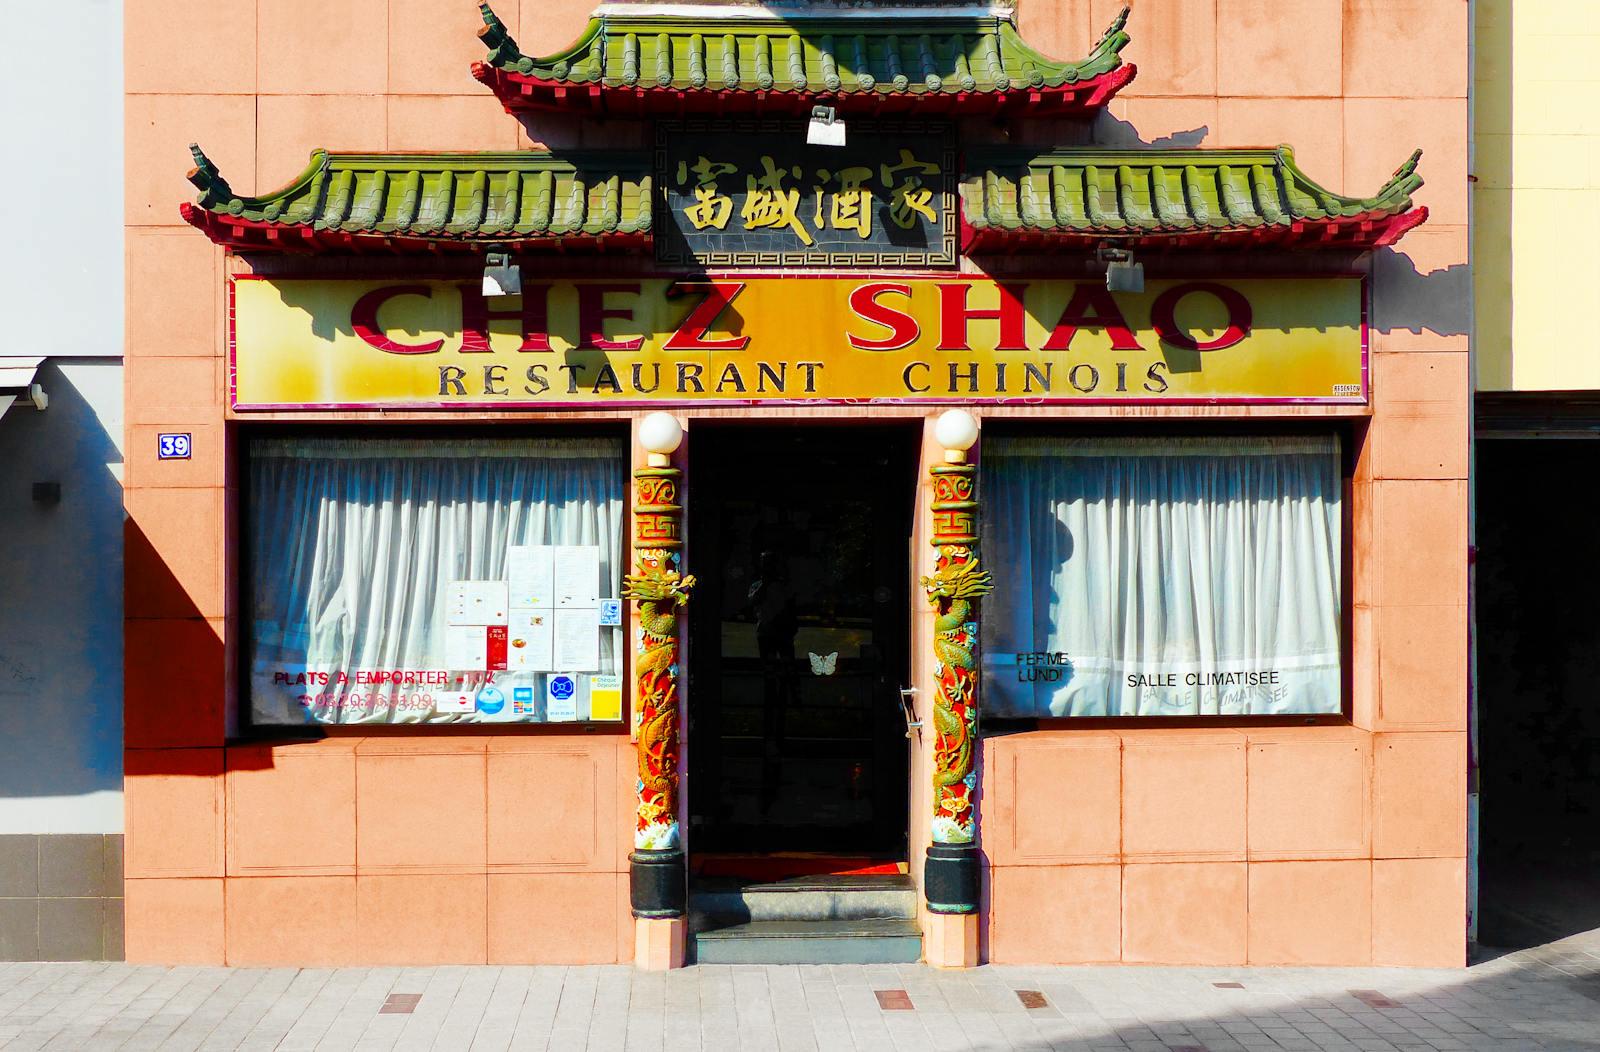 Restaurant Chinois Tourcoing - Chez Shao.